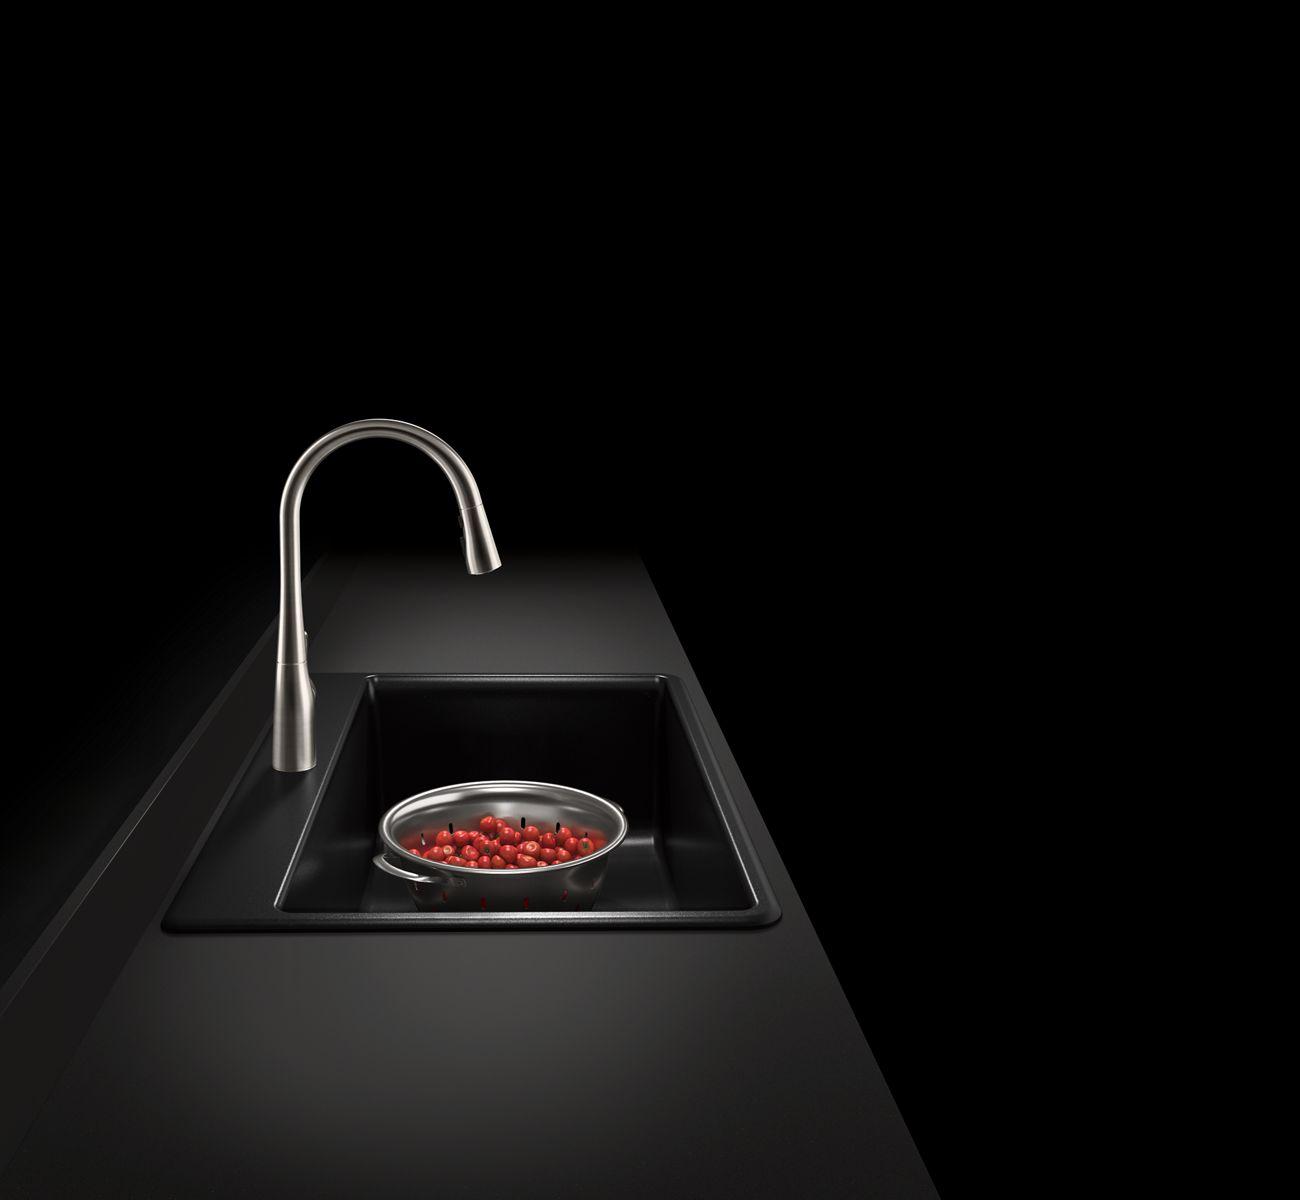 New Kennon Sinks from KOHLER Offer Modern Look with Neoroc\'s ...